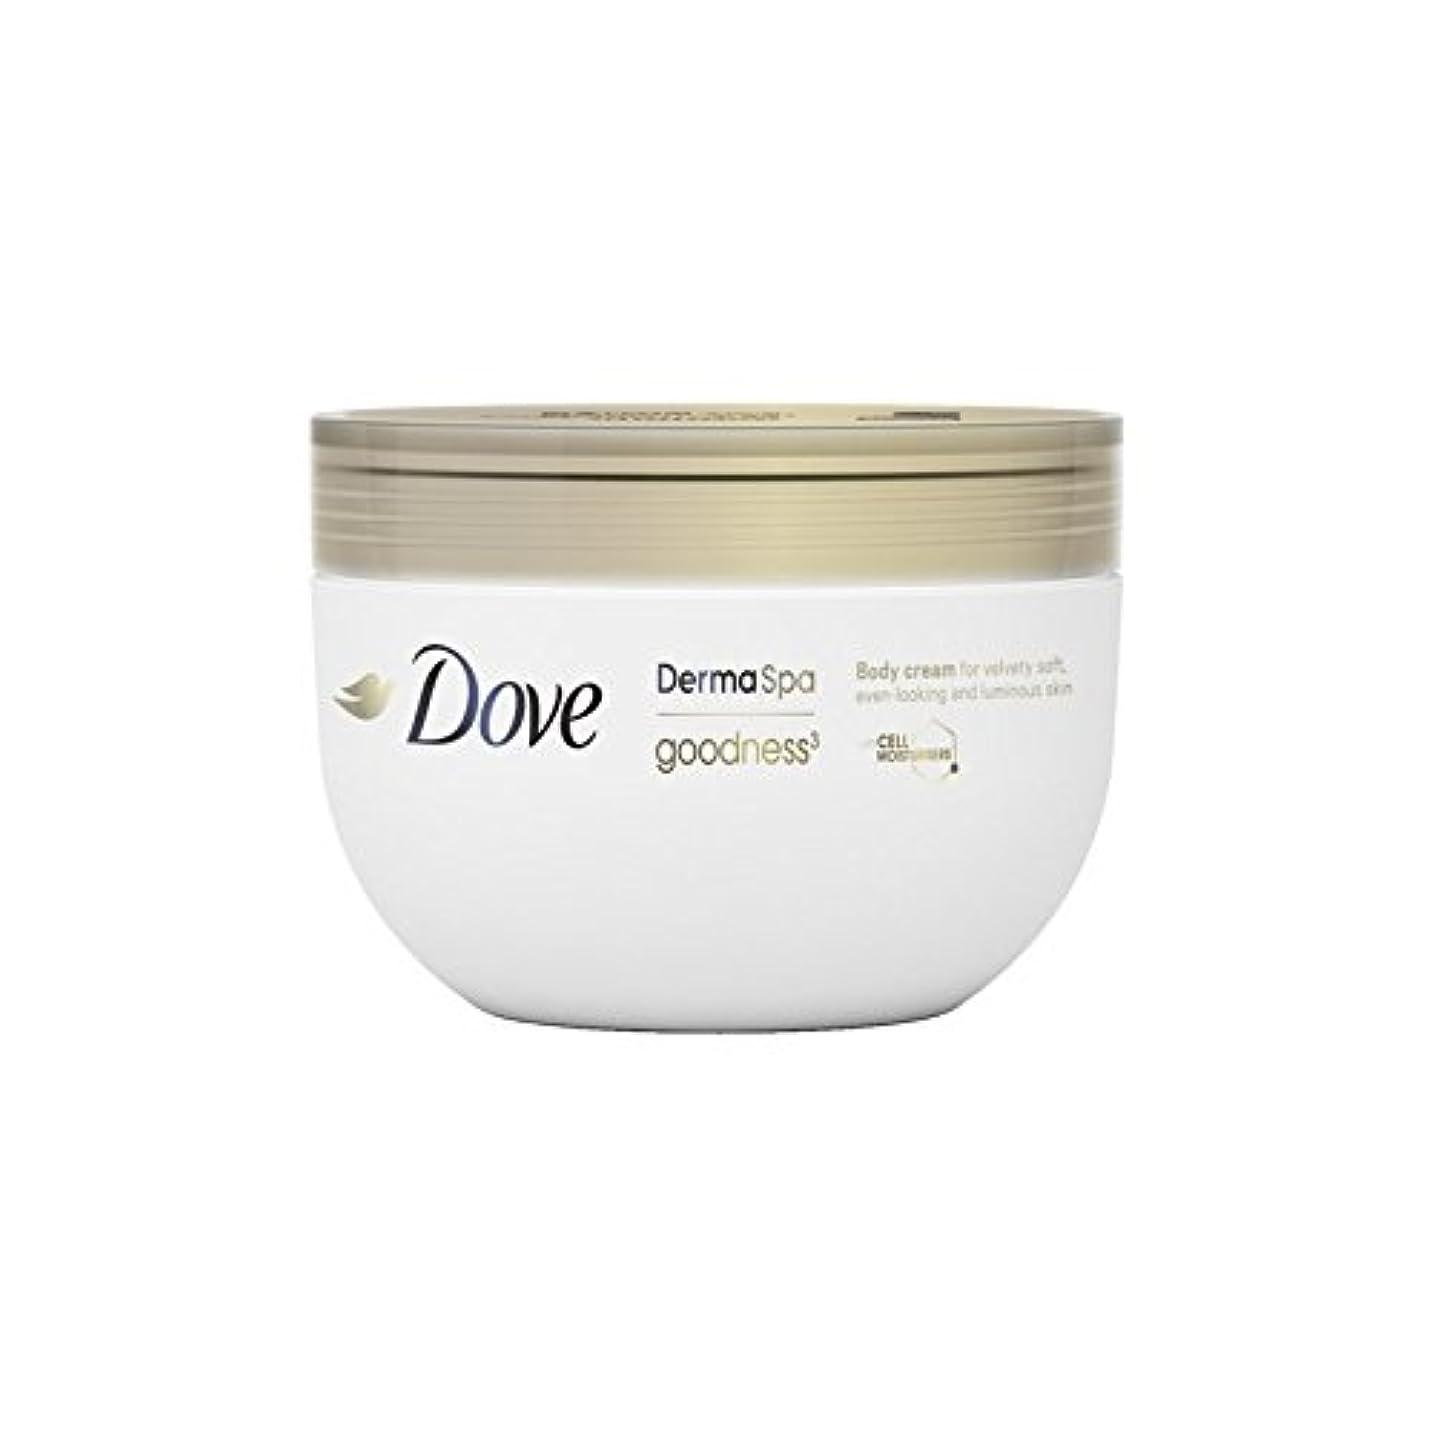 動作ルーキーラフ睡眠Dove DermaSpa Goodness3 Body Cream (300ml) - 鳩の3ボディクリーム(300ミリリットル) [並行輸入品]